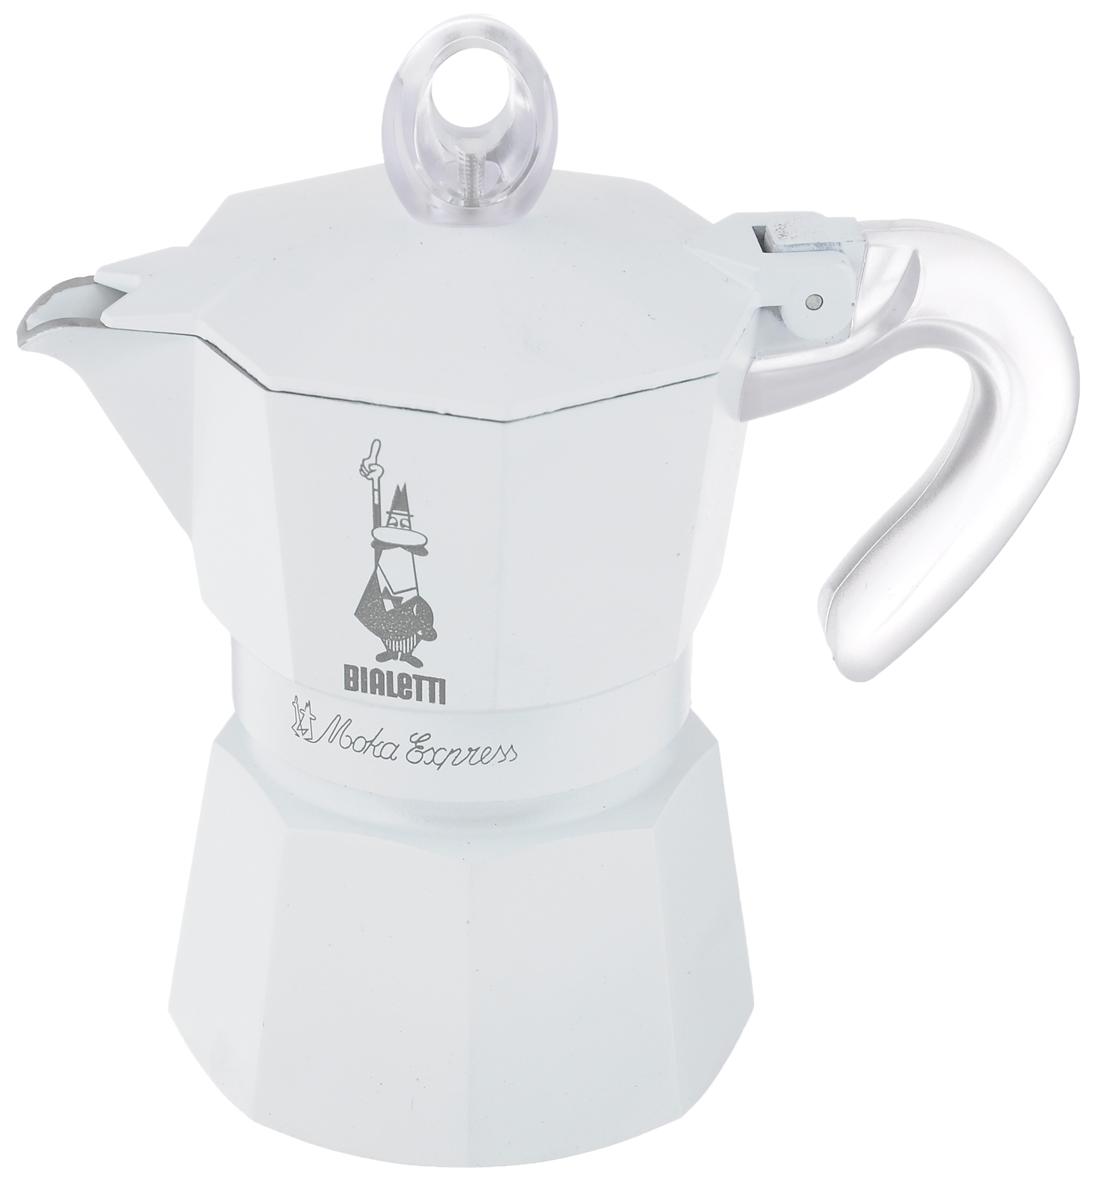 Кофеварка гейзерная Bialetti Moka Glossy, цвет: белый, на 3 чашкиVT-1520(SR)Компактная гейзерная кофеварка Bialetti Moka Glossy изготовлена из высококачественного алюминия. Объема кофе хватает на 3 чашки. Изделие оснащено удобной пластиковой ручкой.Принцип работы такой гейзерной кофеварки - кофе заваривается путем многократного прохождения горячей воды или пара через слой молотого кофе. Удобство кофеварки в том, что вся кофейная гуща остается во внутренней емкости. Гейзерные кофеварки пользуются большой популярностью благодаря изысканному аромату. Кофе получается крепкий и насыщенный. Теперь и дома вы сможете насладиться великолепным эспрессо. Подходит для газовых, электрических и стеклокерамических плит. Нельзя мыть в посудомоечной машине. Высота (с учетом крышки): 17 см.